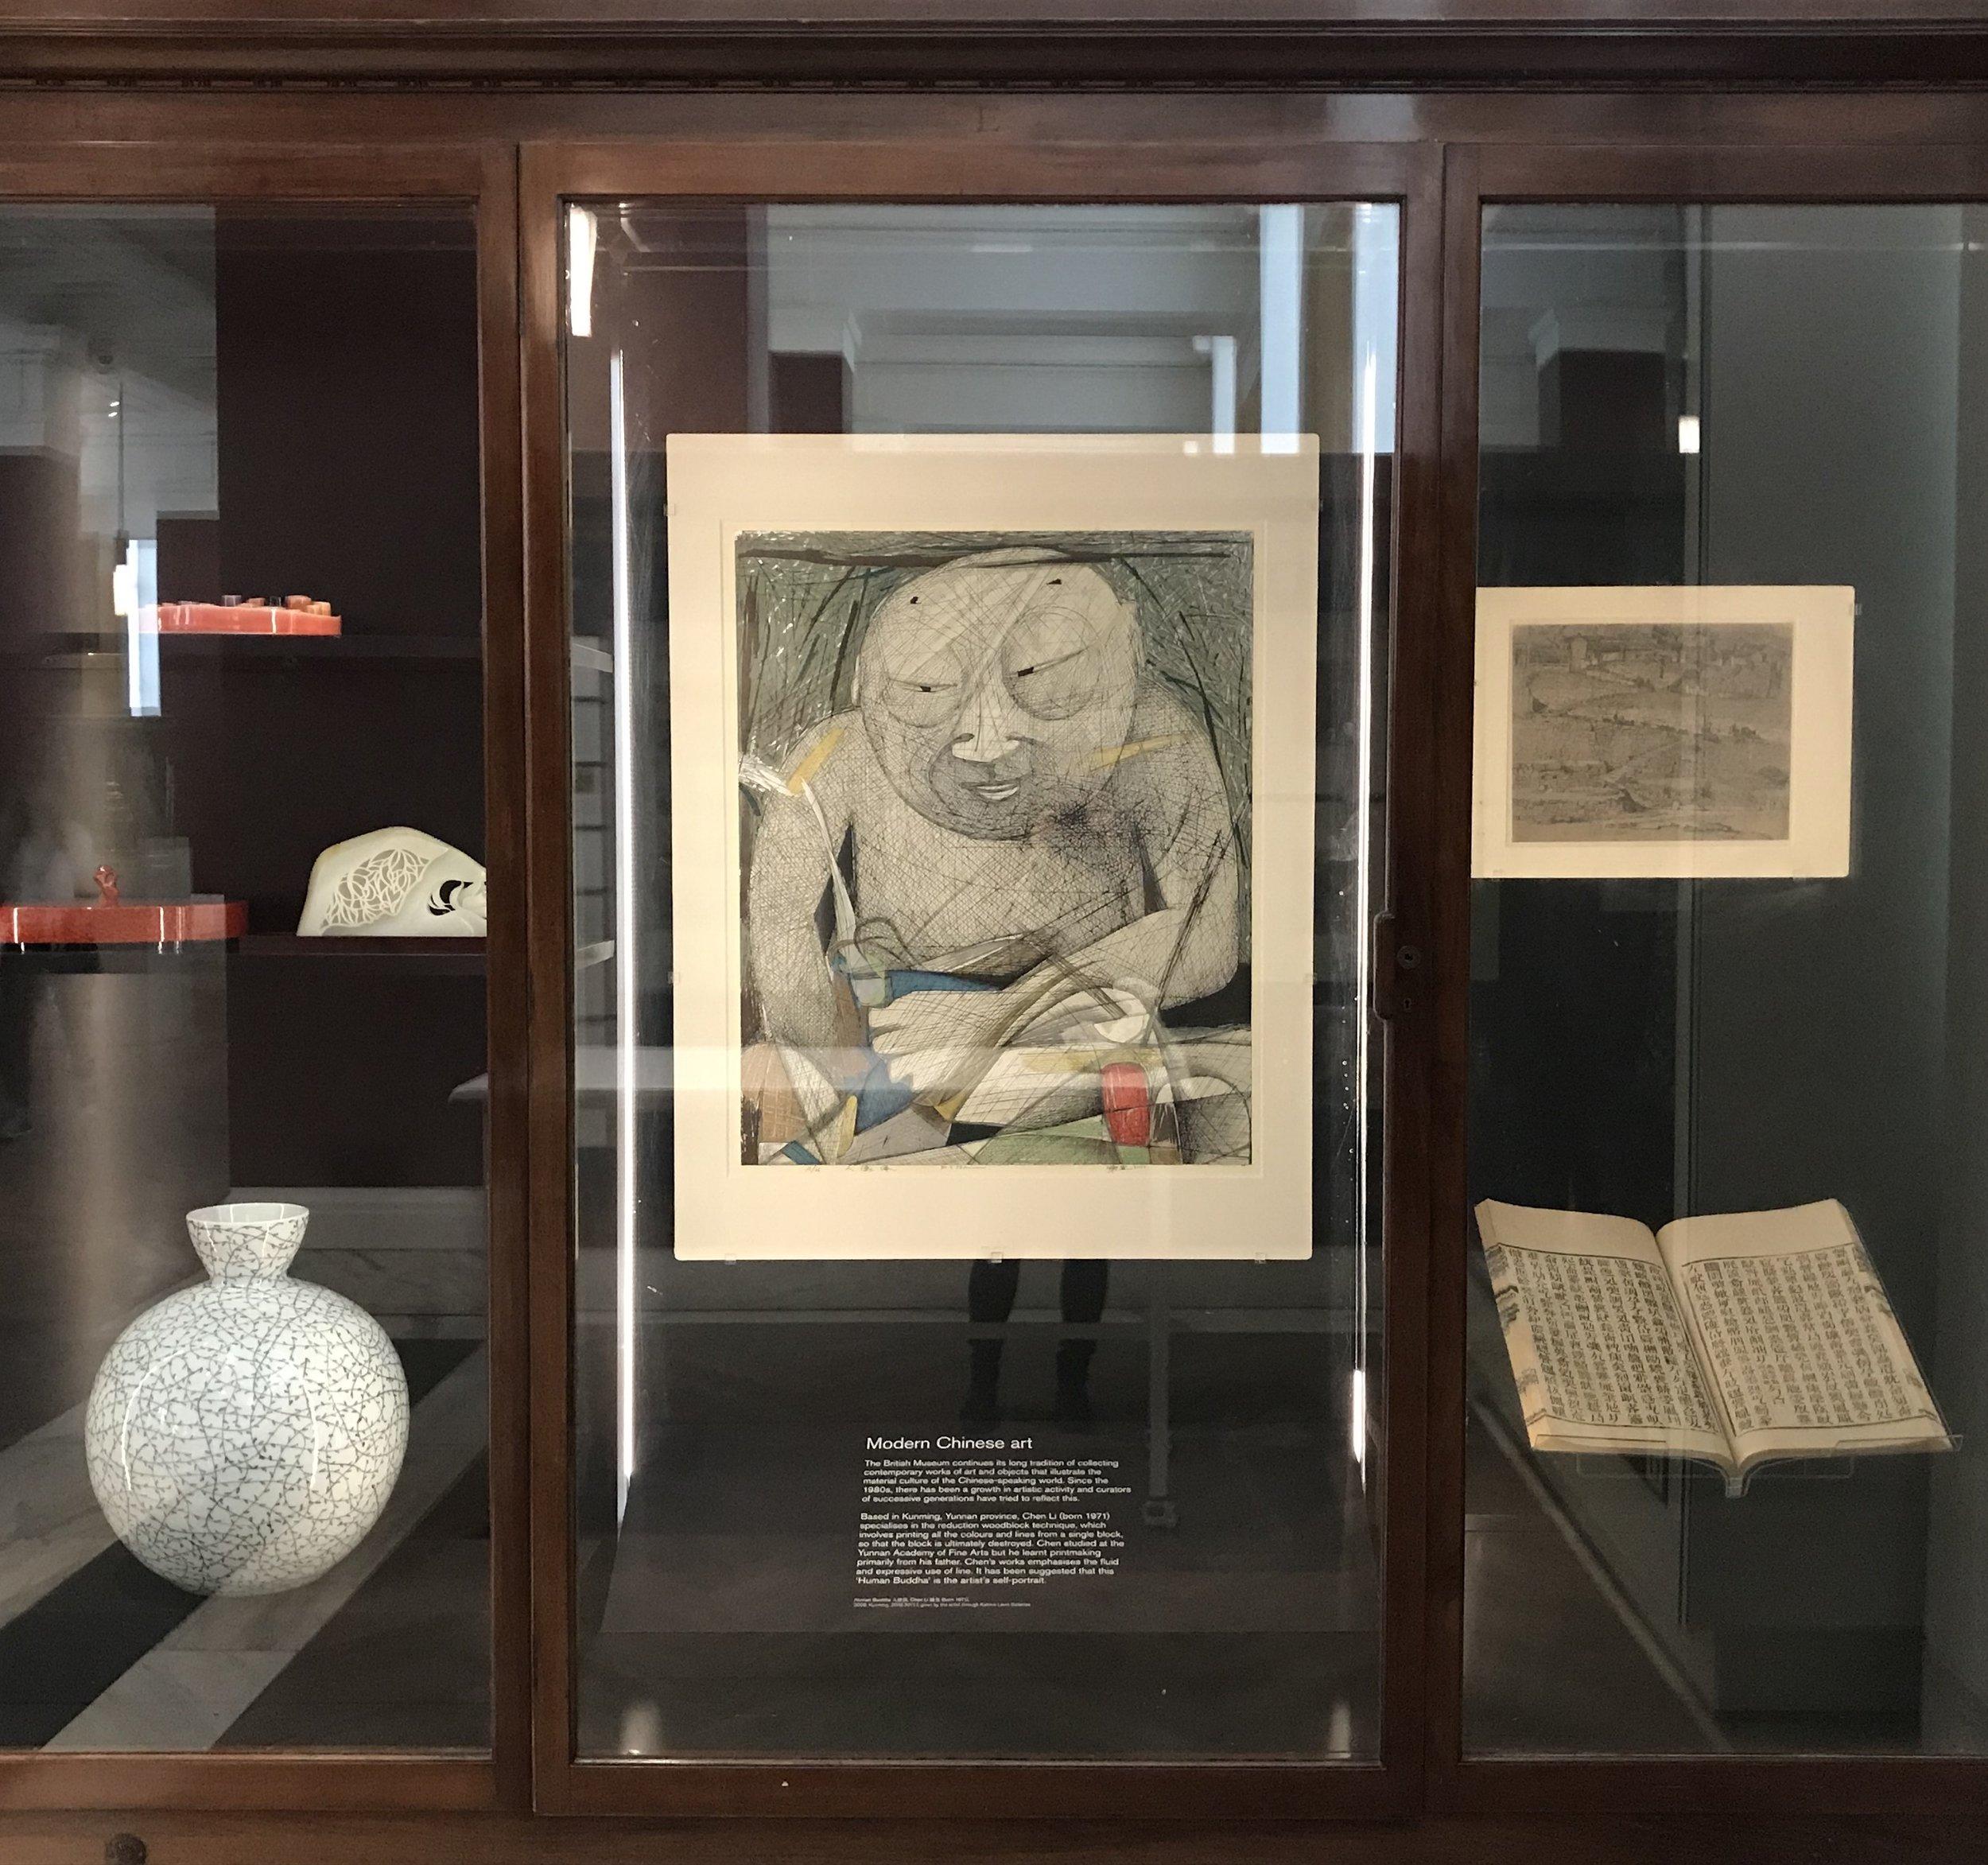 THE BRITISH MUSEUM , Room 33, Sir Joseph Hotung Gallery, Modern Chinese Art